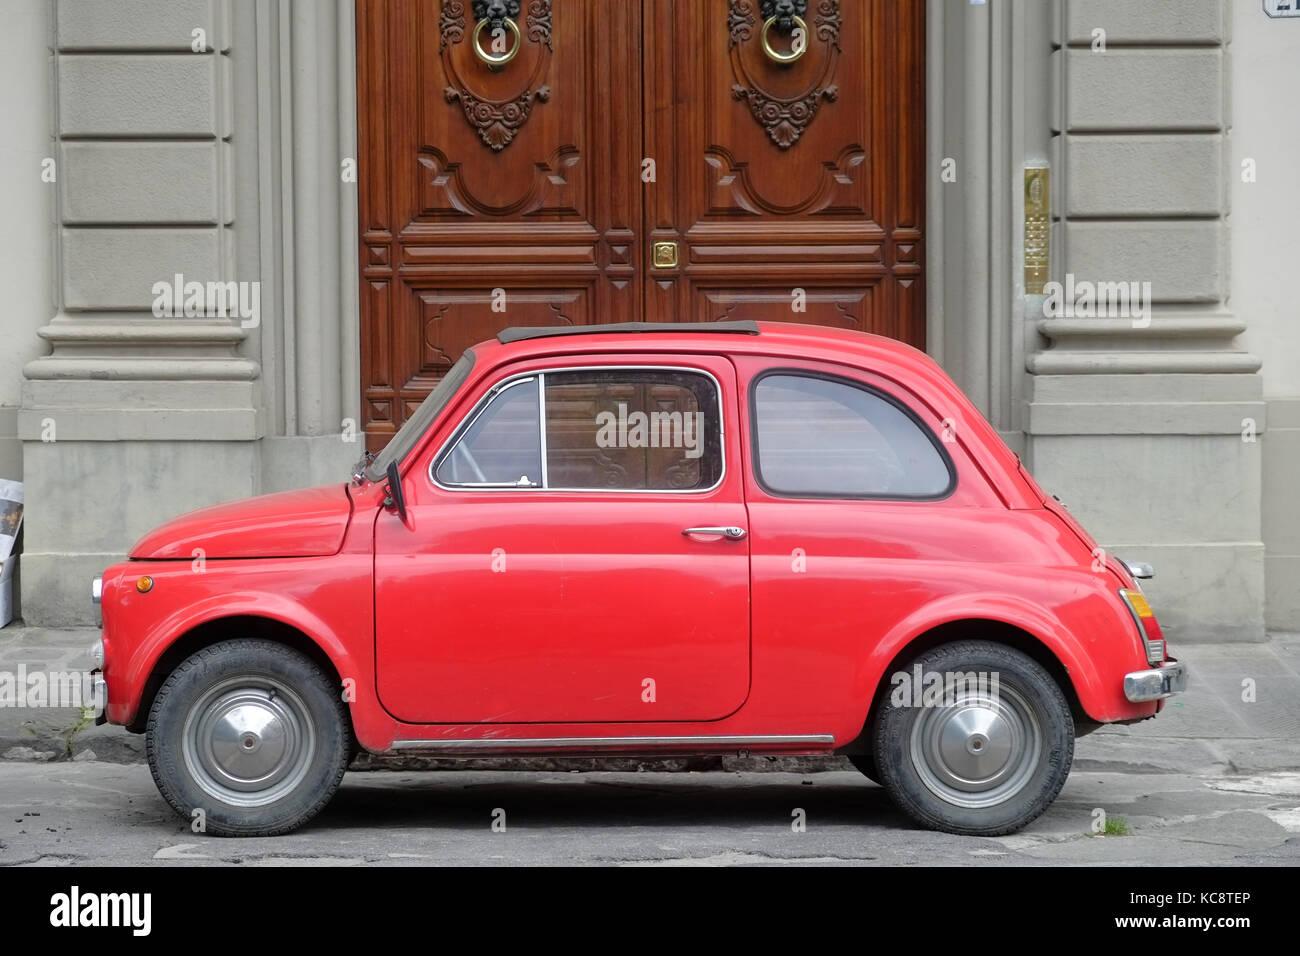 rot fiat 500 auf der stra e vor einem alten braun holz eingang geparkt classic vintage modell. Black Bedroom Furniture Sets. Home Design Ideas